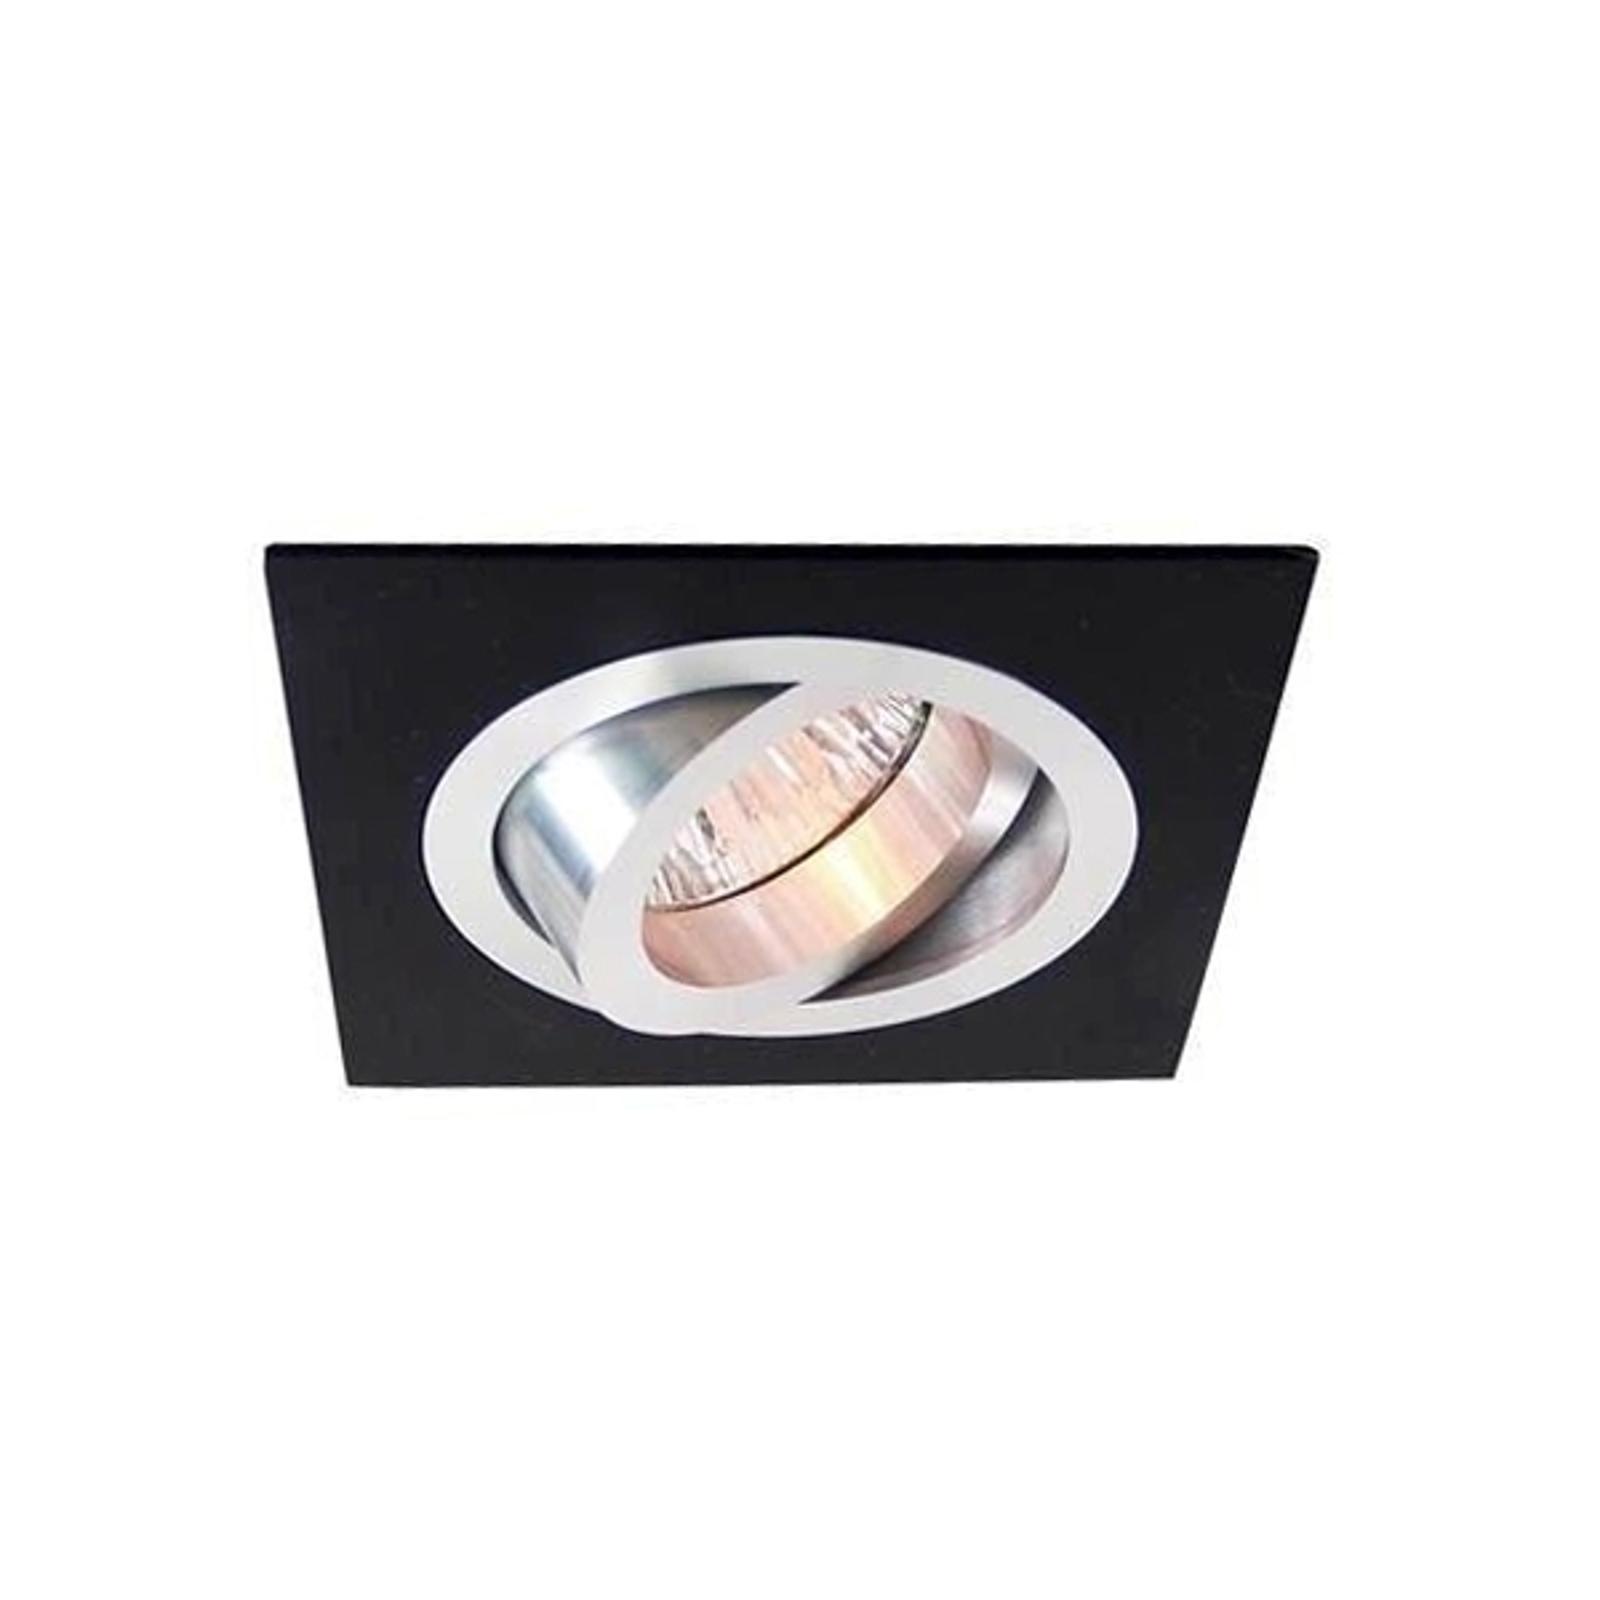 Low-voltage aluminium/black recessed light_2501588_1